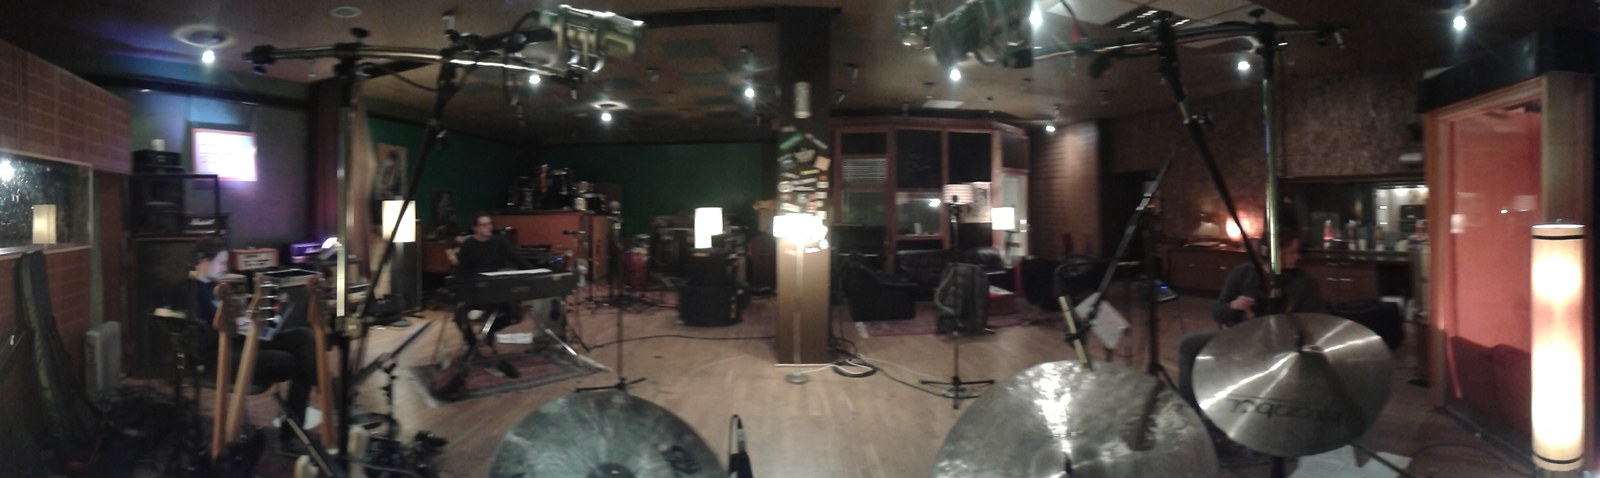 Maarweg Studio